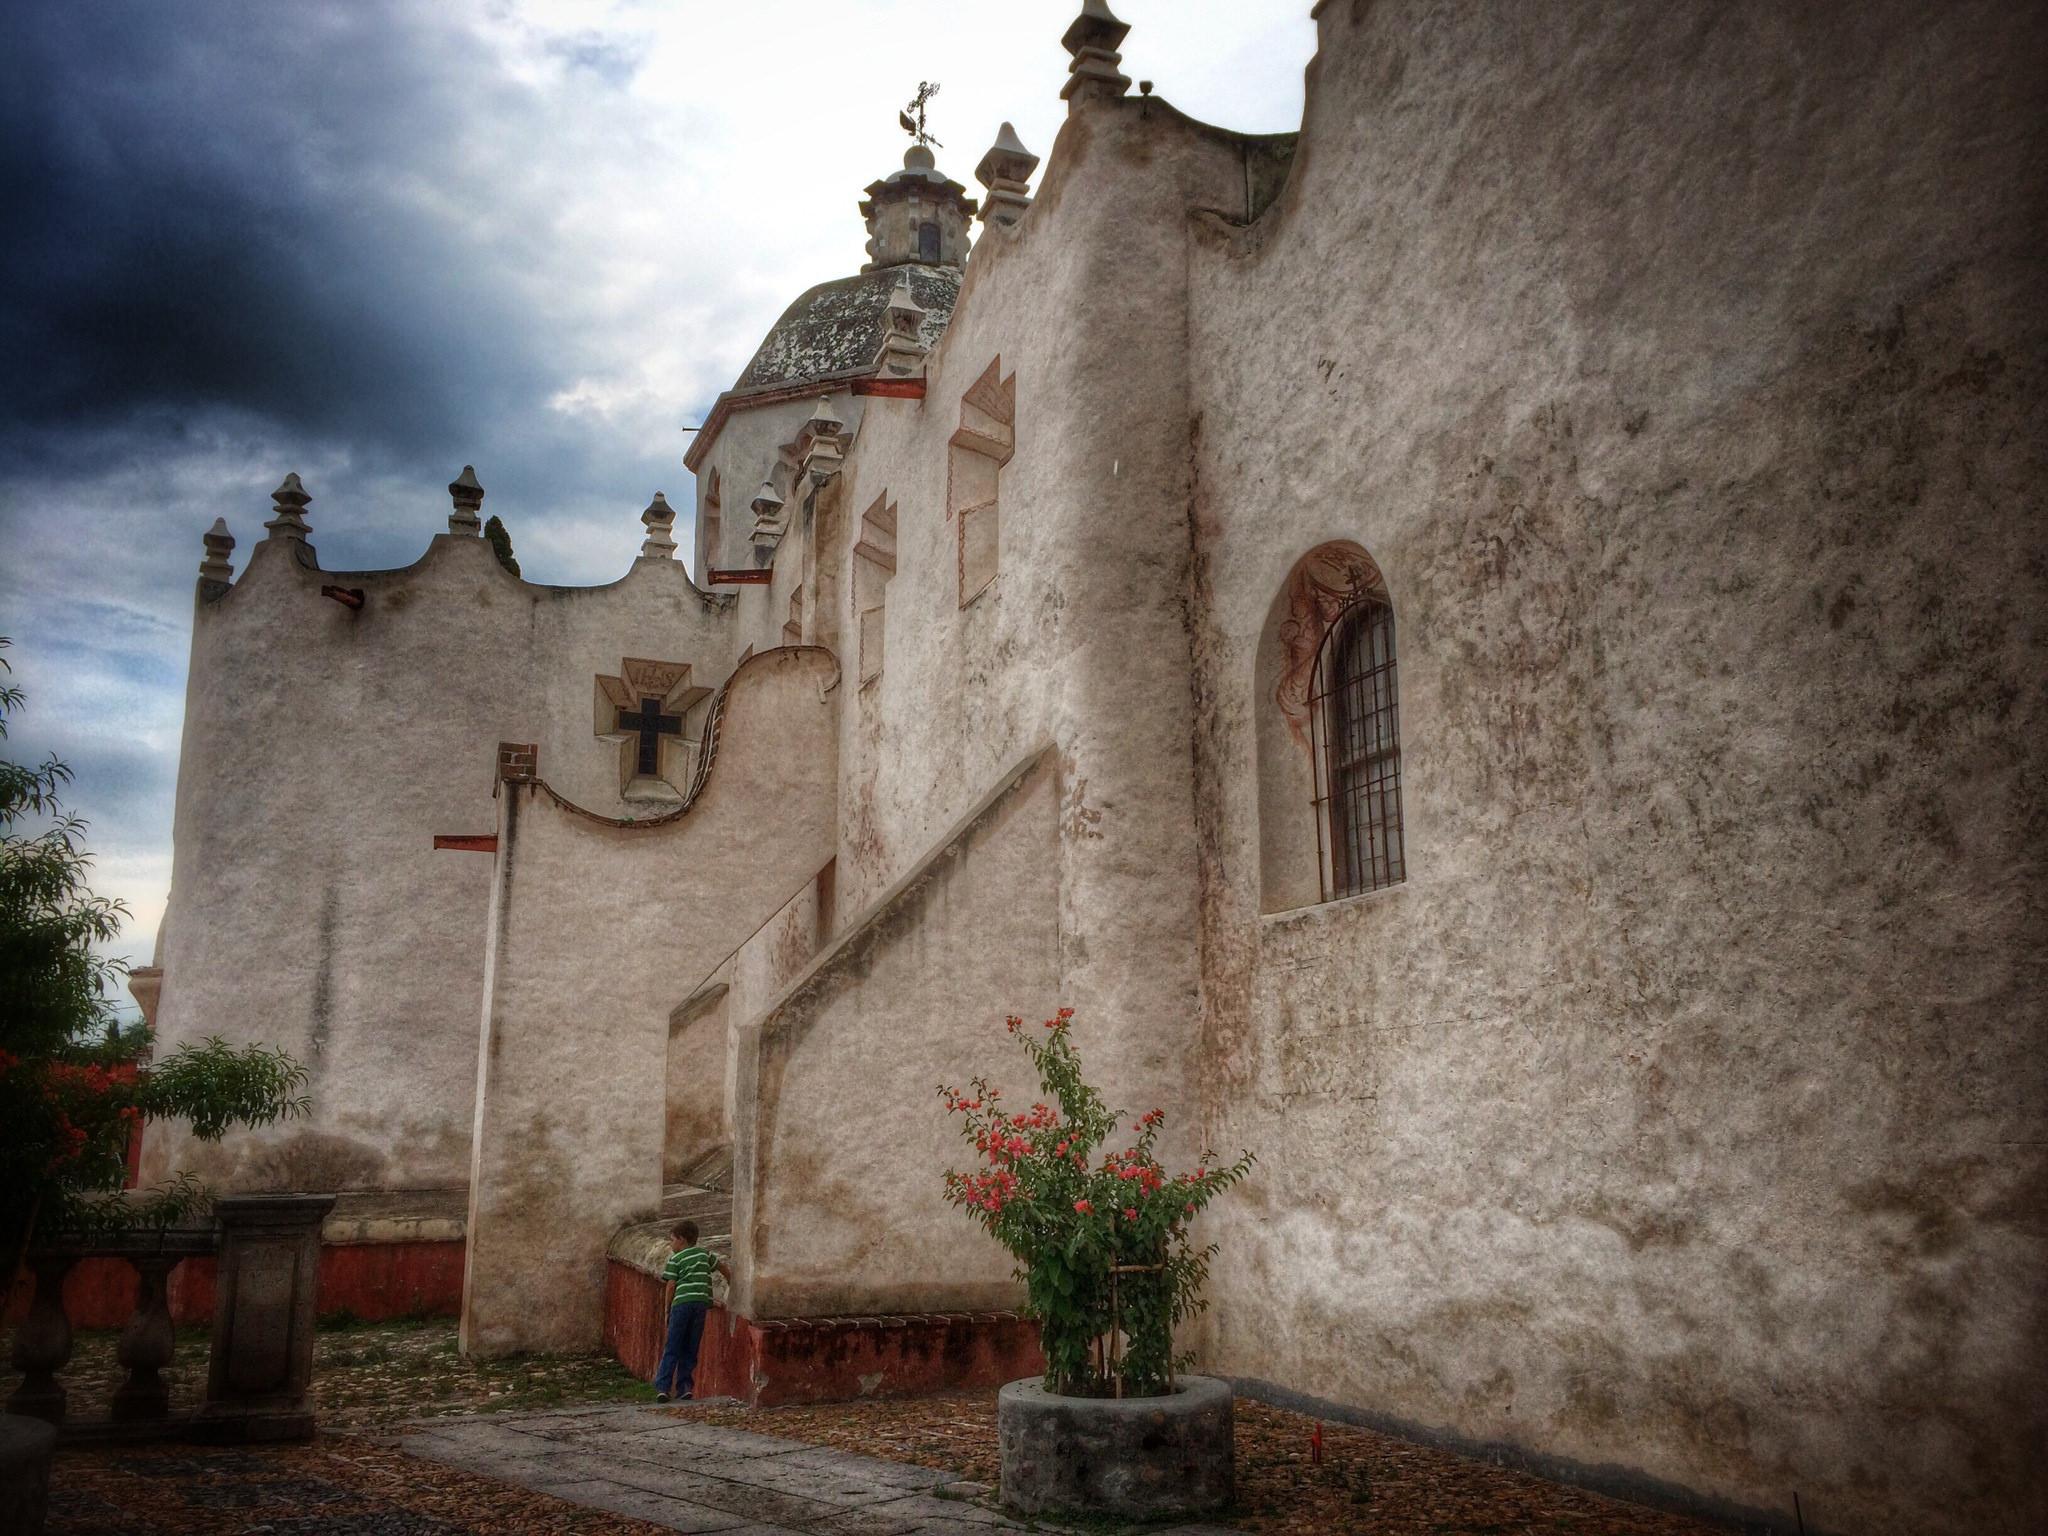 La sobriedad de las murallas del Santuario contrastan con la abundancia pictórica de su interior